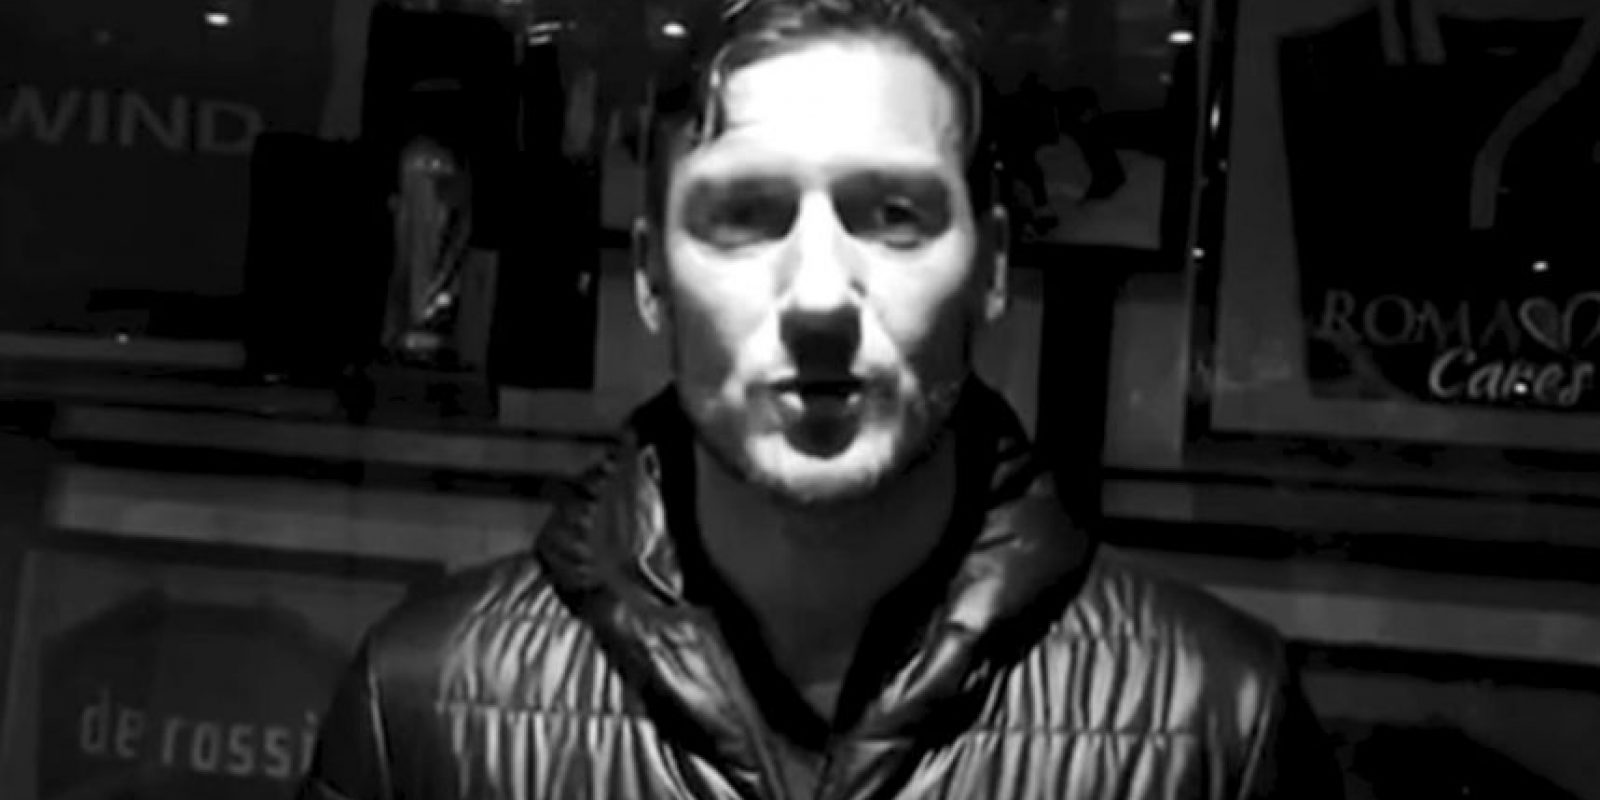 Francesco Totti, futbolista italiano de la Roma. Foto:vía PSG – Paris Saint-Germain / YouTube